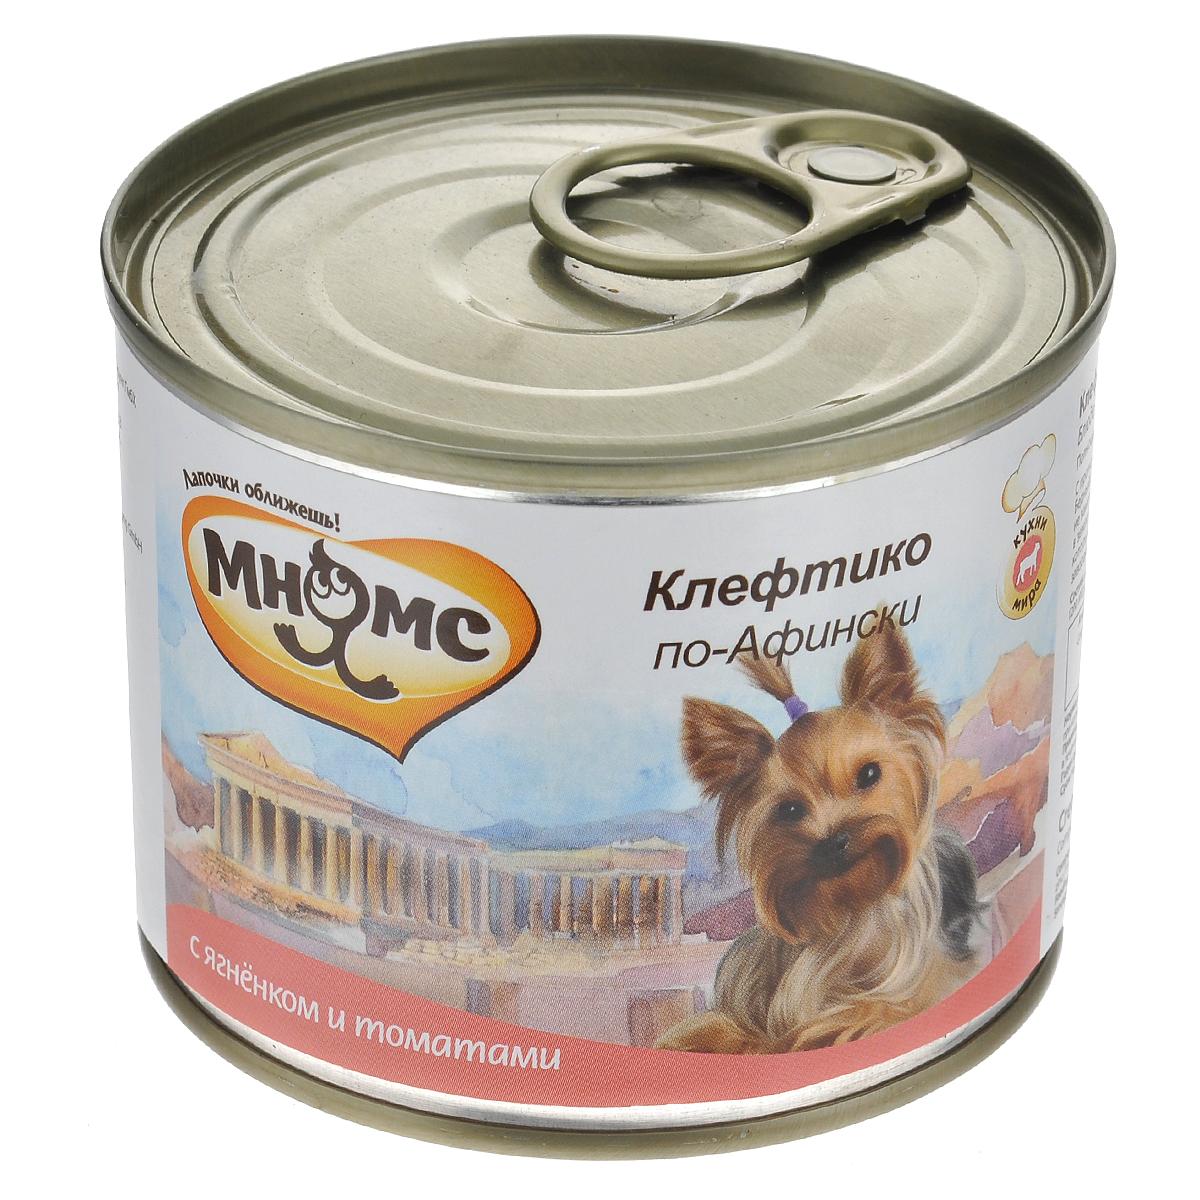 Консервы для собак Мнямс Клефтико по-Афински, с ягненком в томате, 200 г консервы для собак мнямс касуэла по мадридски с кроликом и овощами 200 г